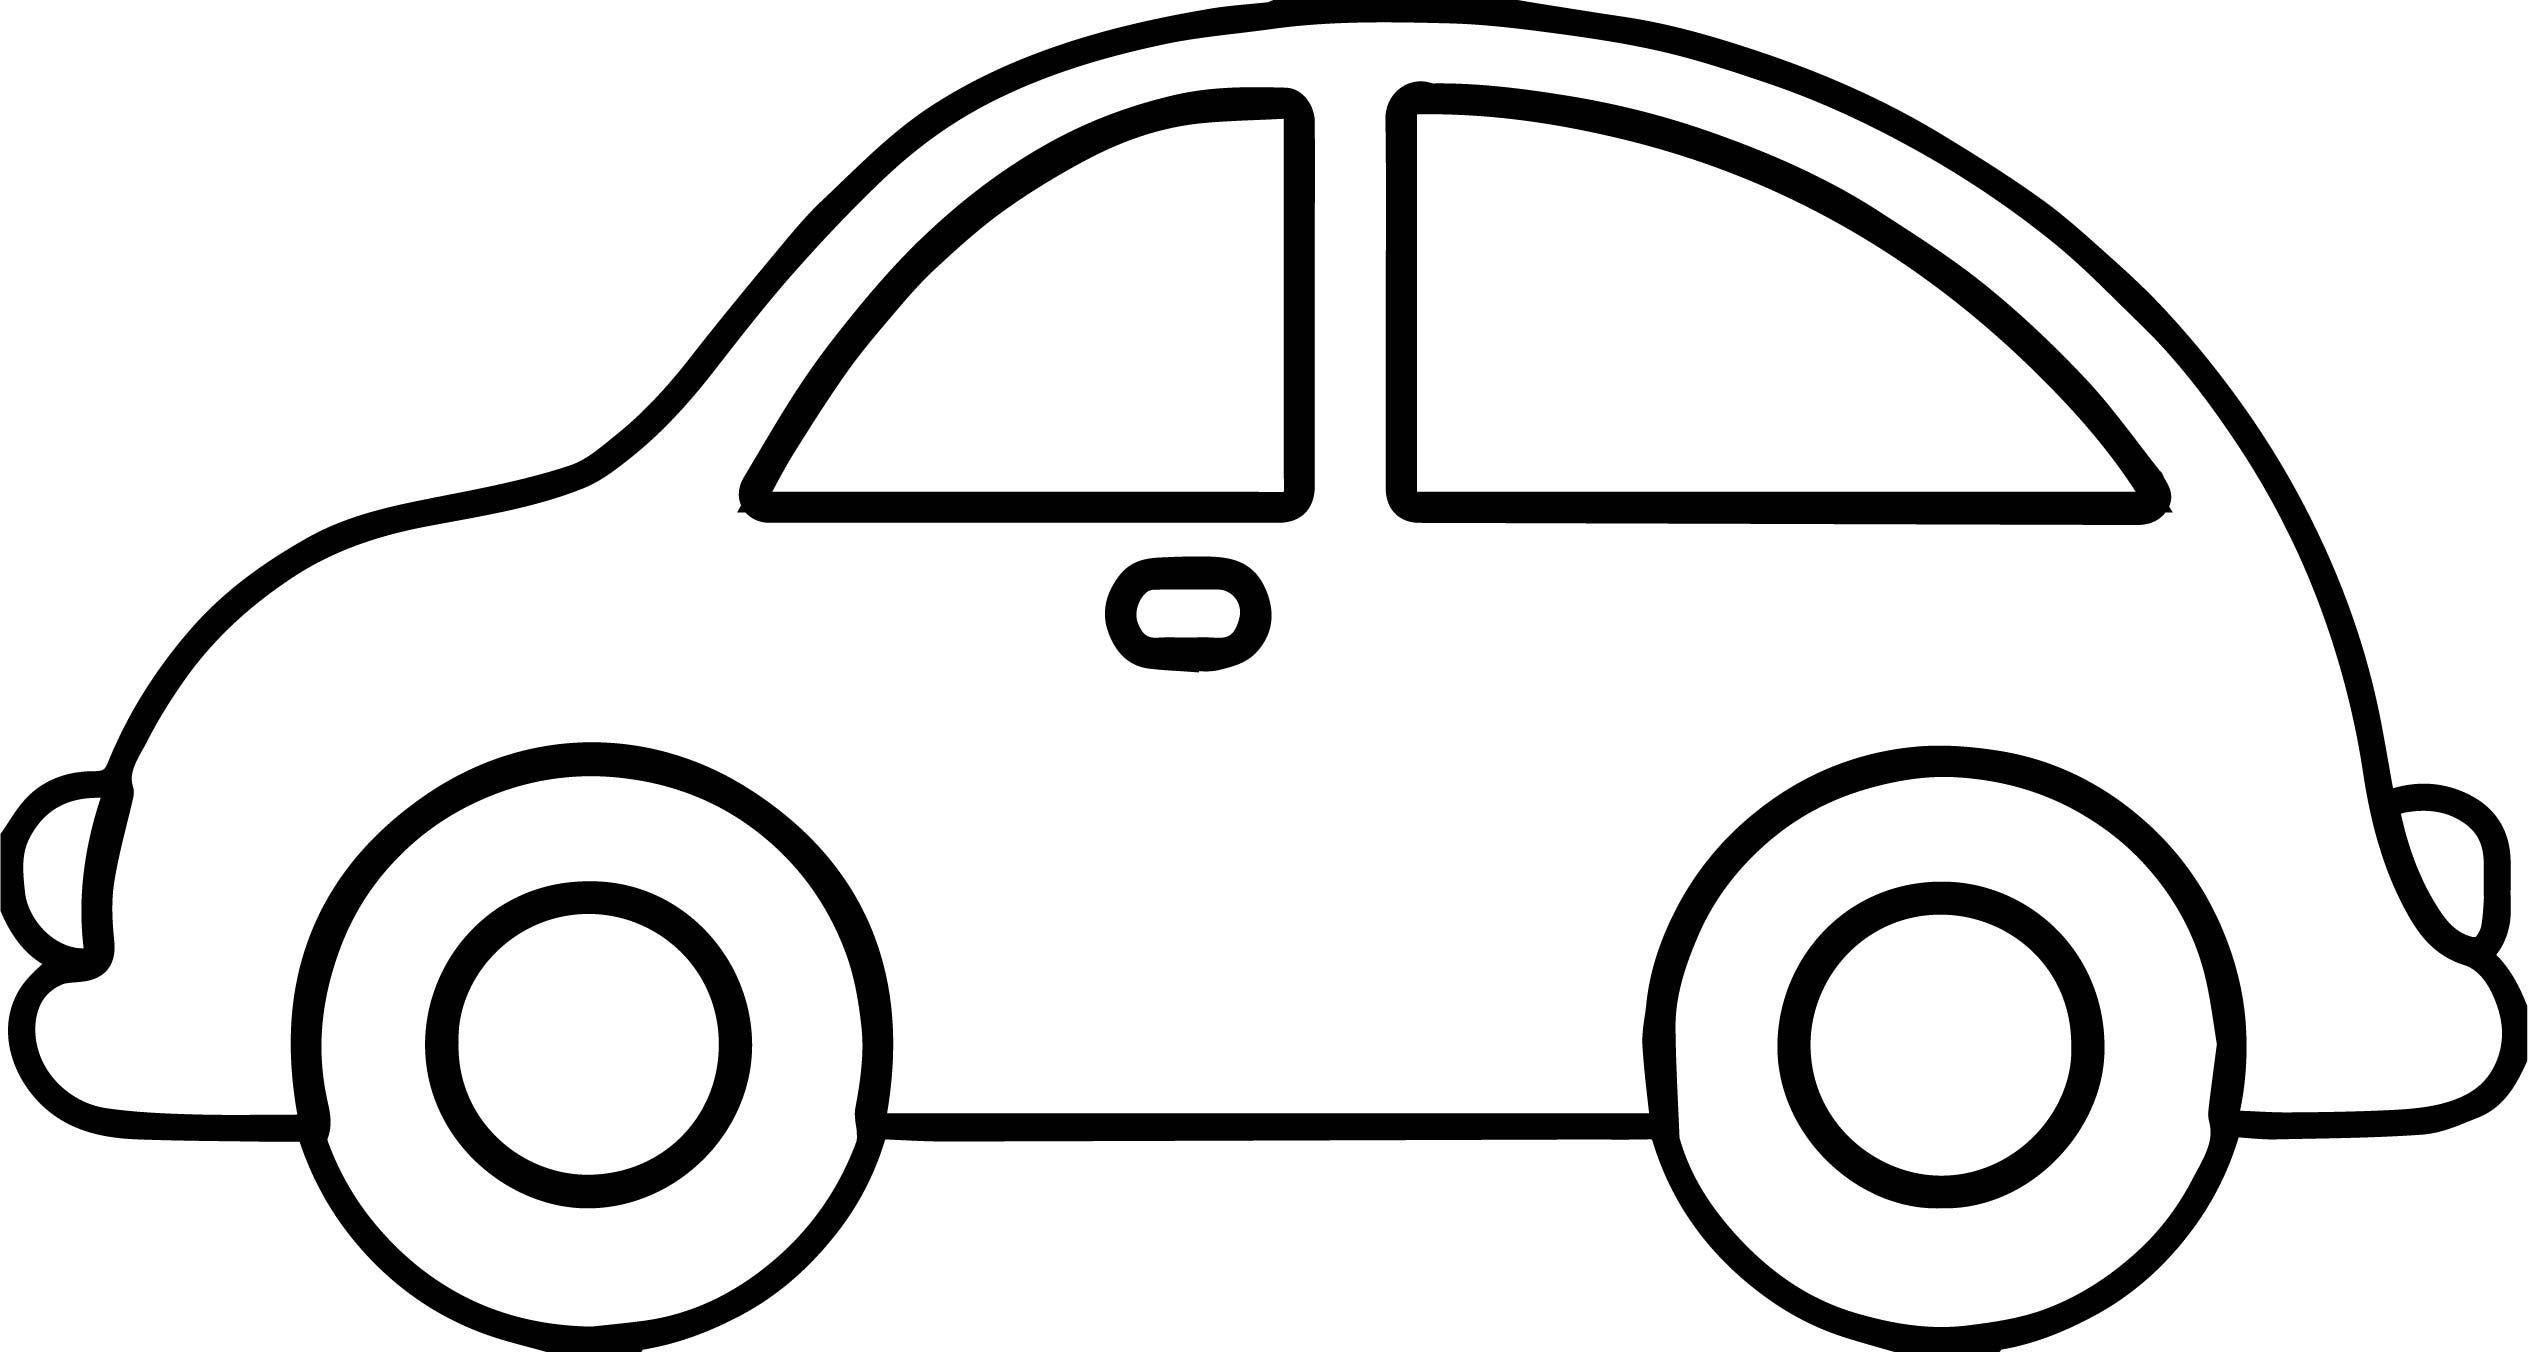 Cool Toy Car Basic Side View Coloring Page Carrinho Desenho Revelar O Genero Na Gravidez Atividades Da Biblia Para Criancas